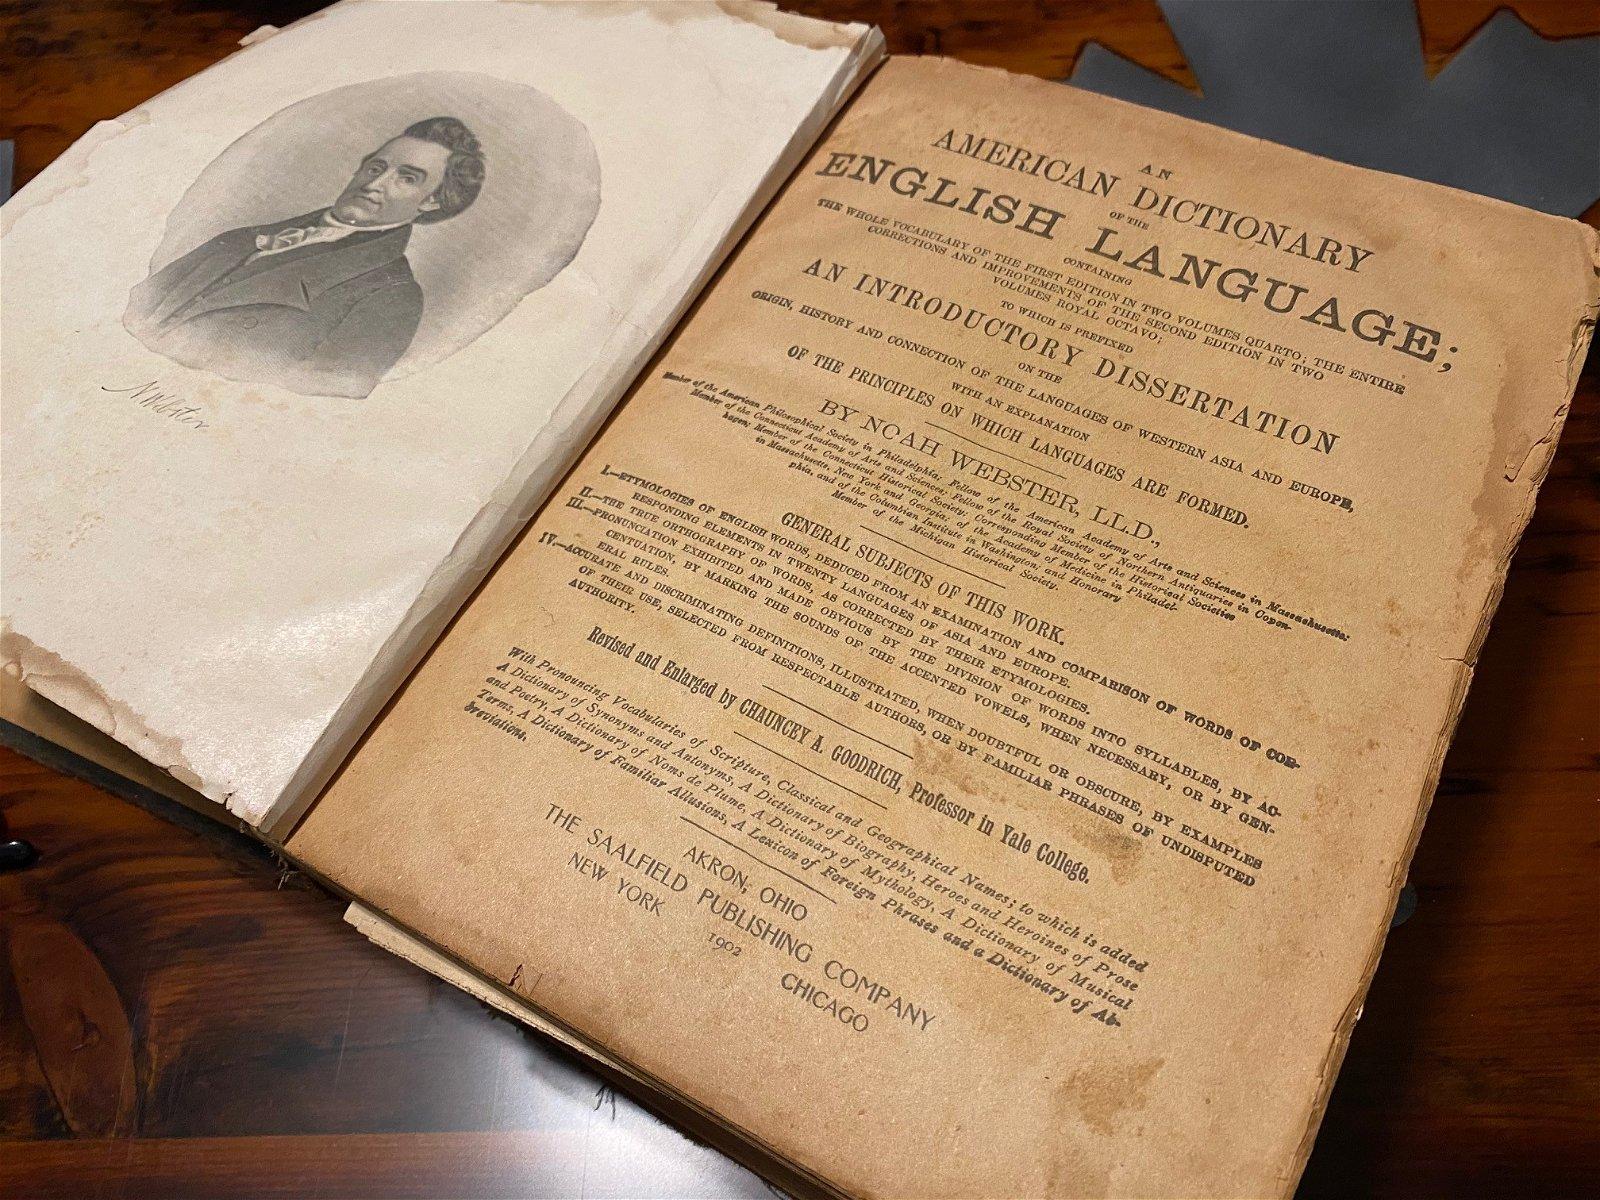 Noah Webster's Dictionary